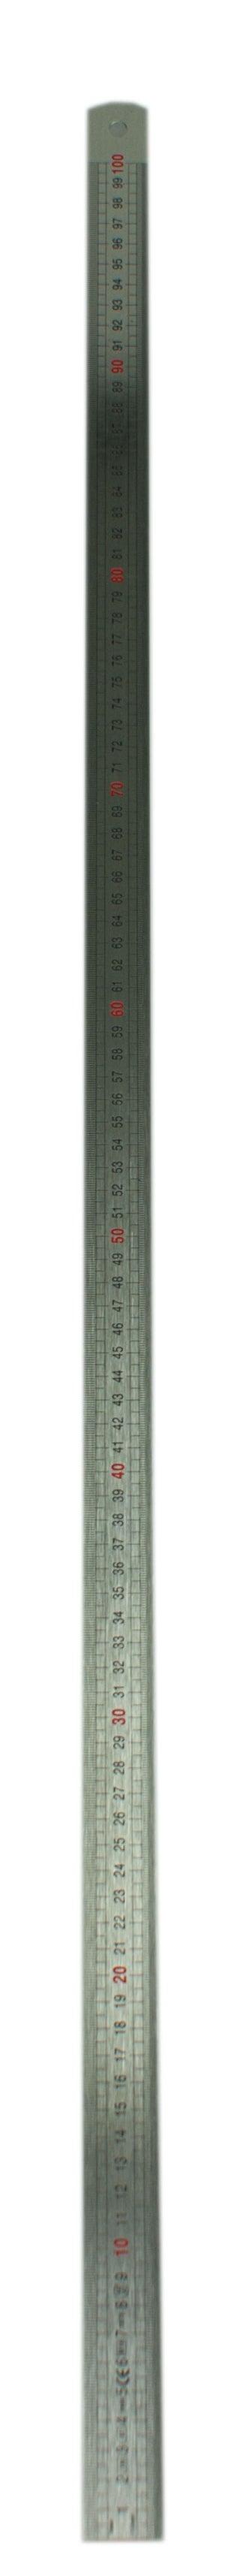 Réglet semi-rigide DEXTER, 100 cm